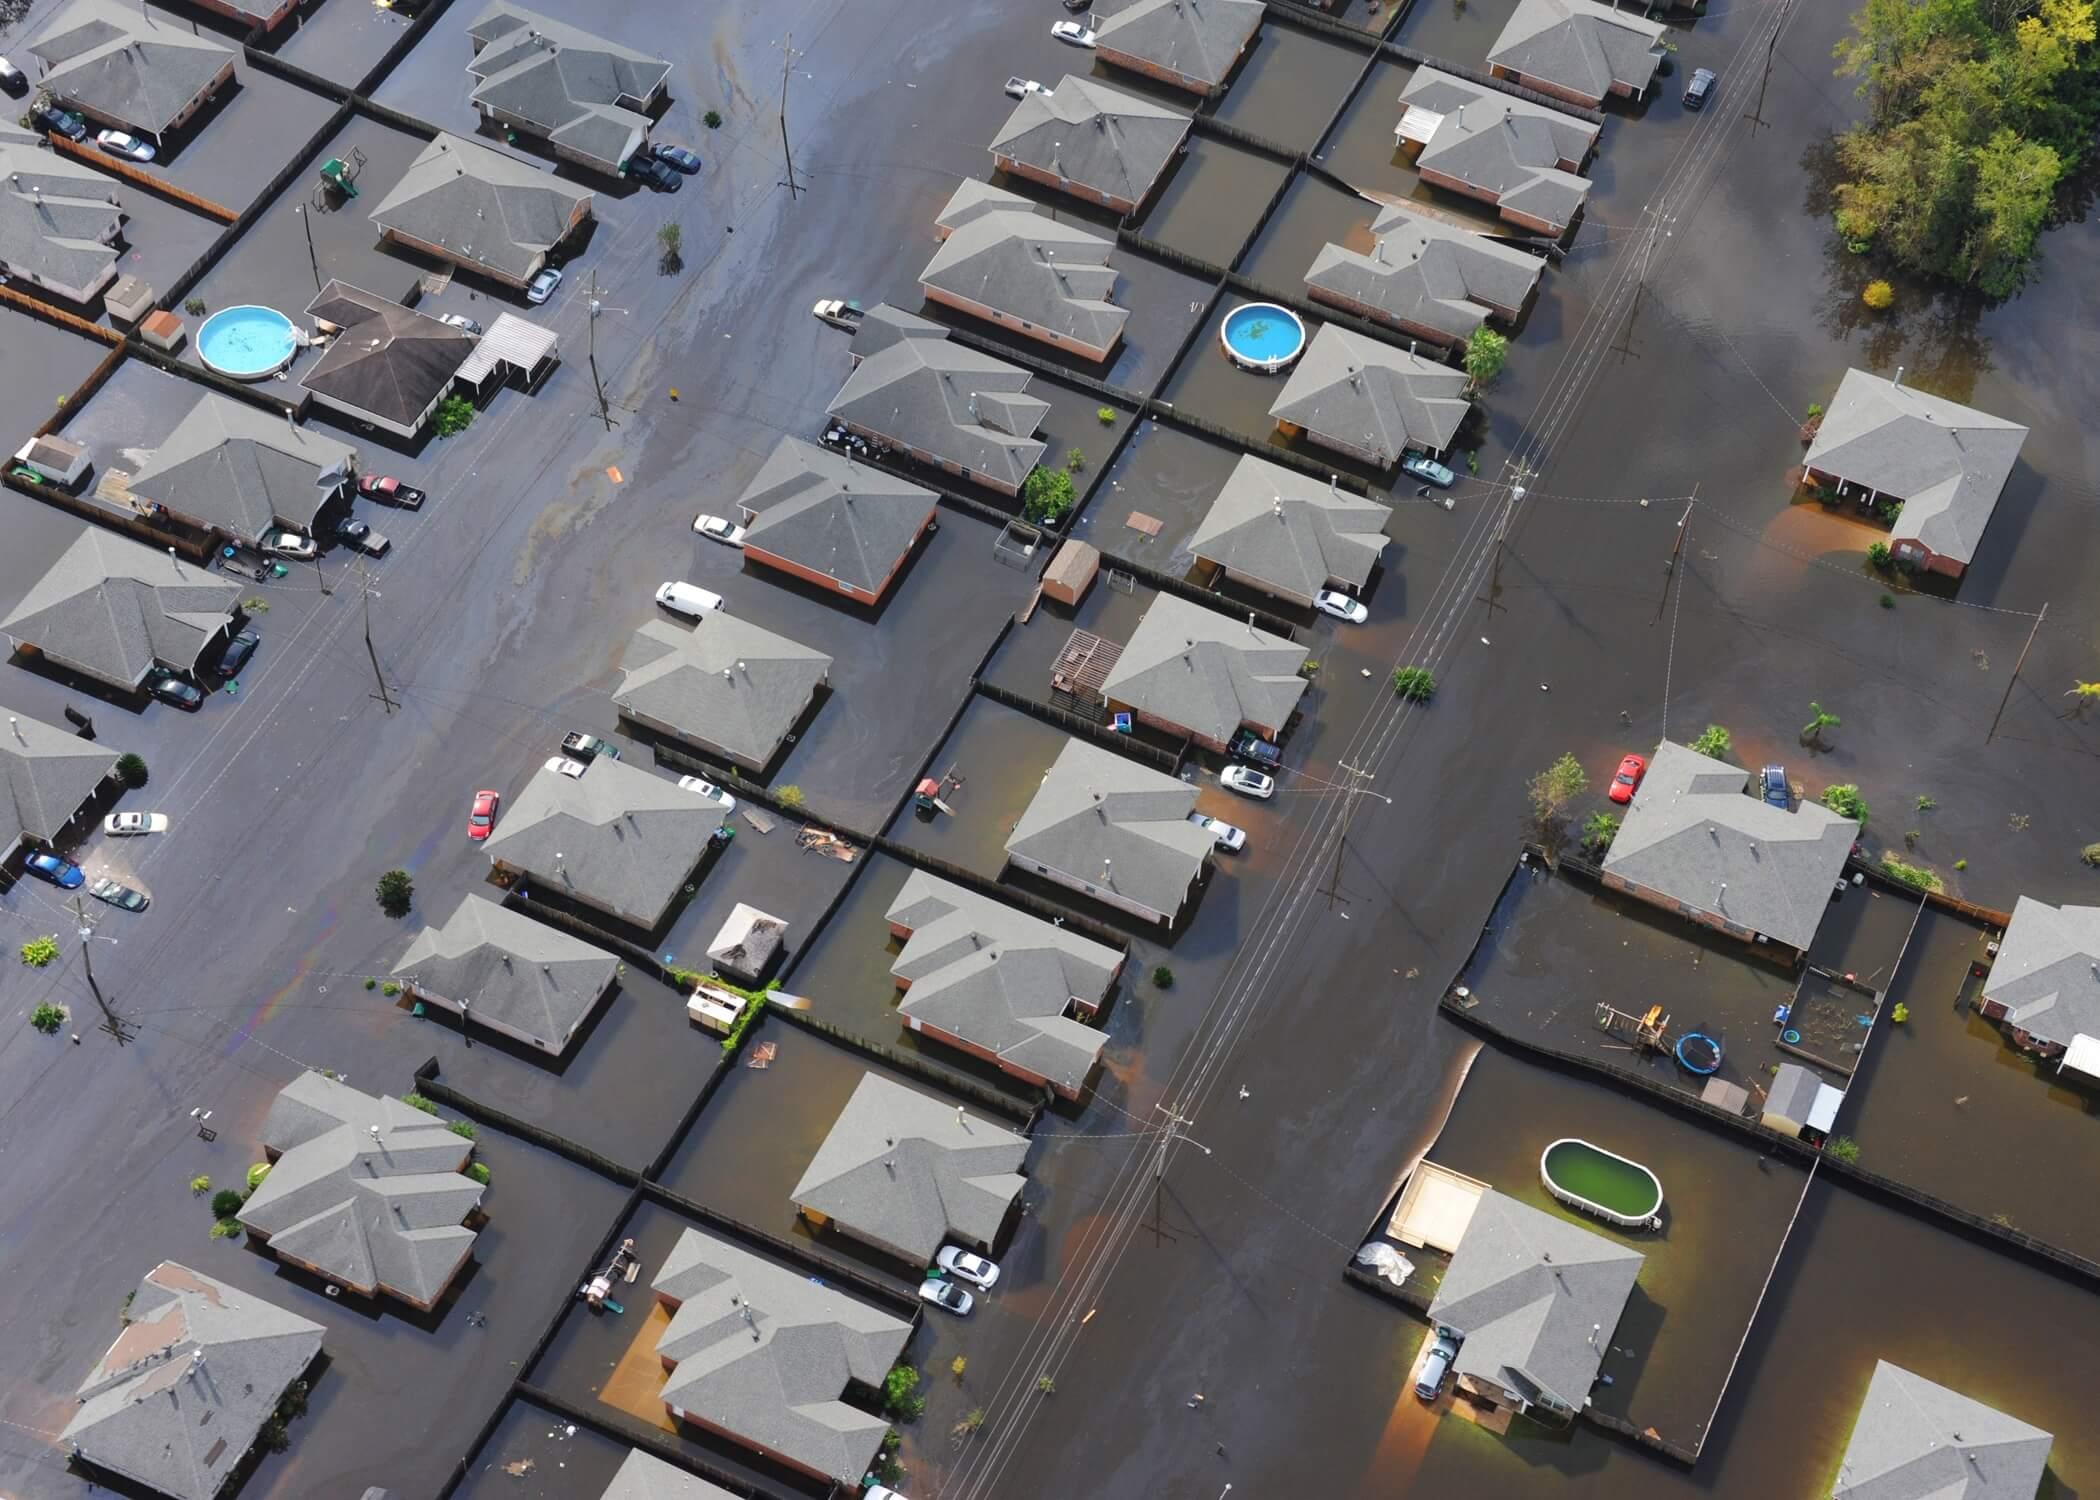 Houston Hurricane Residential Claims